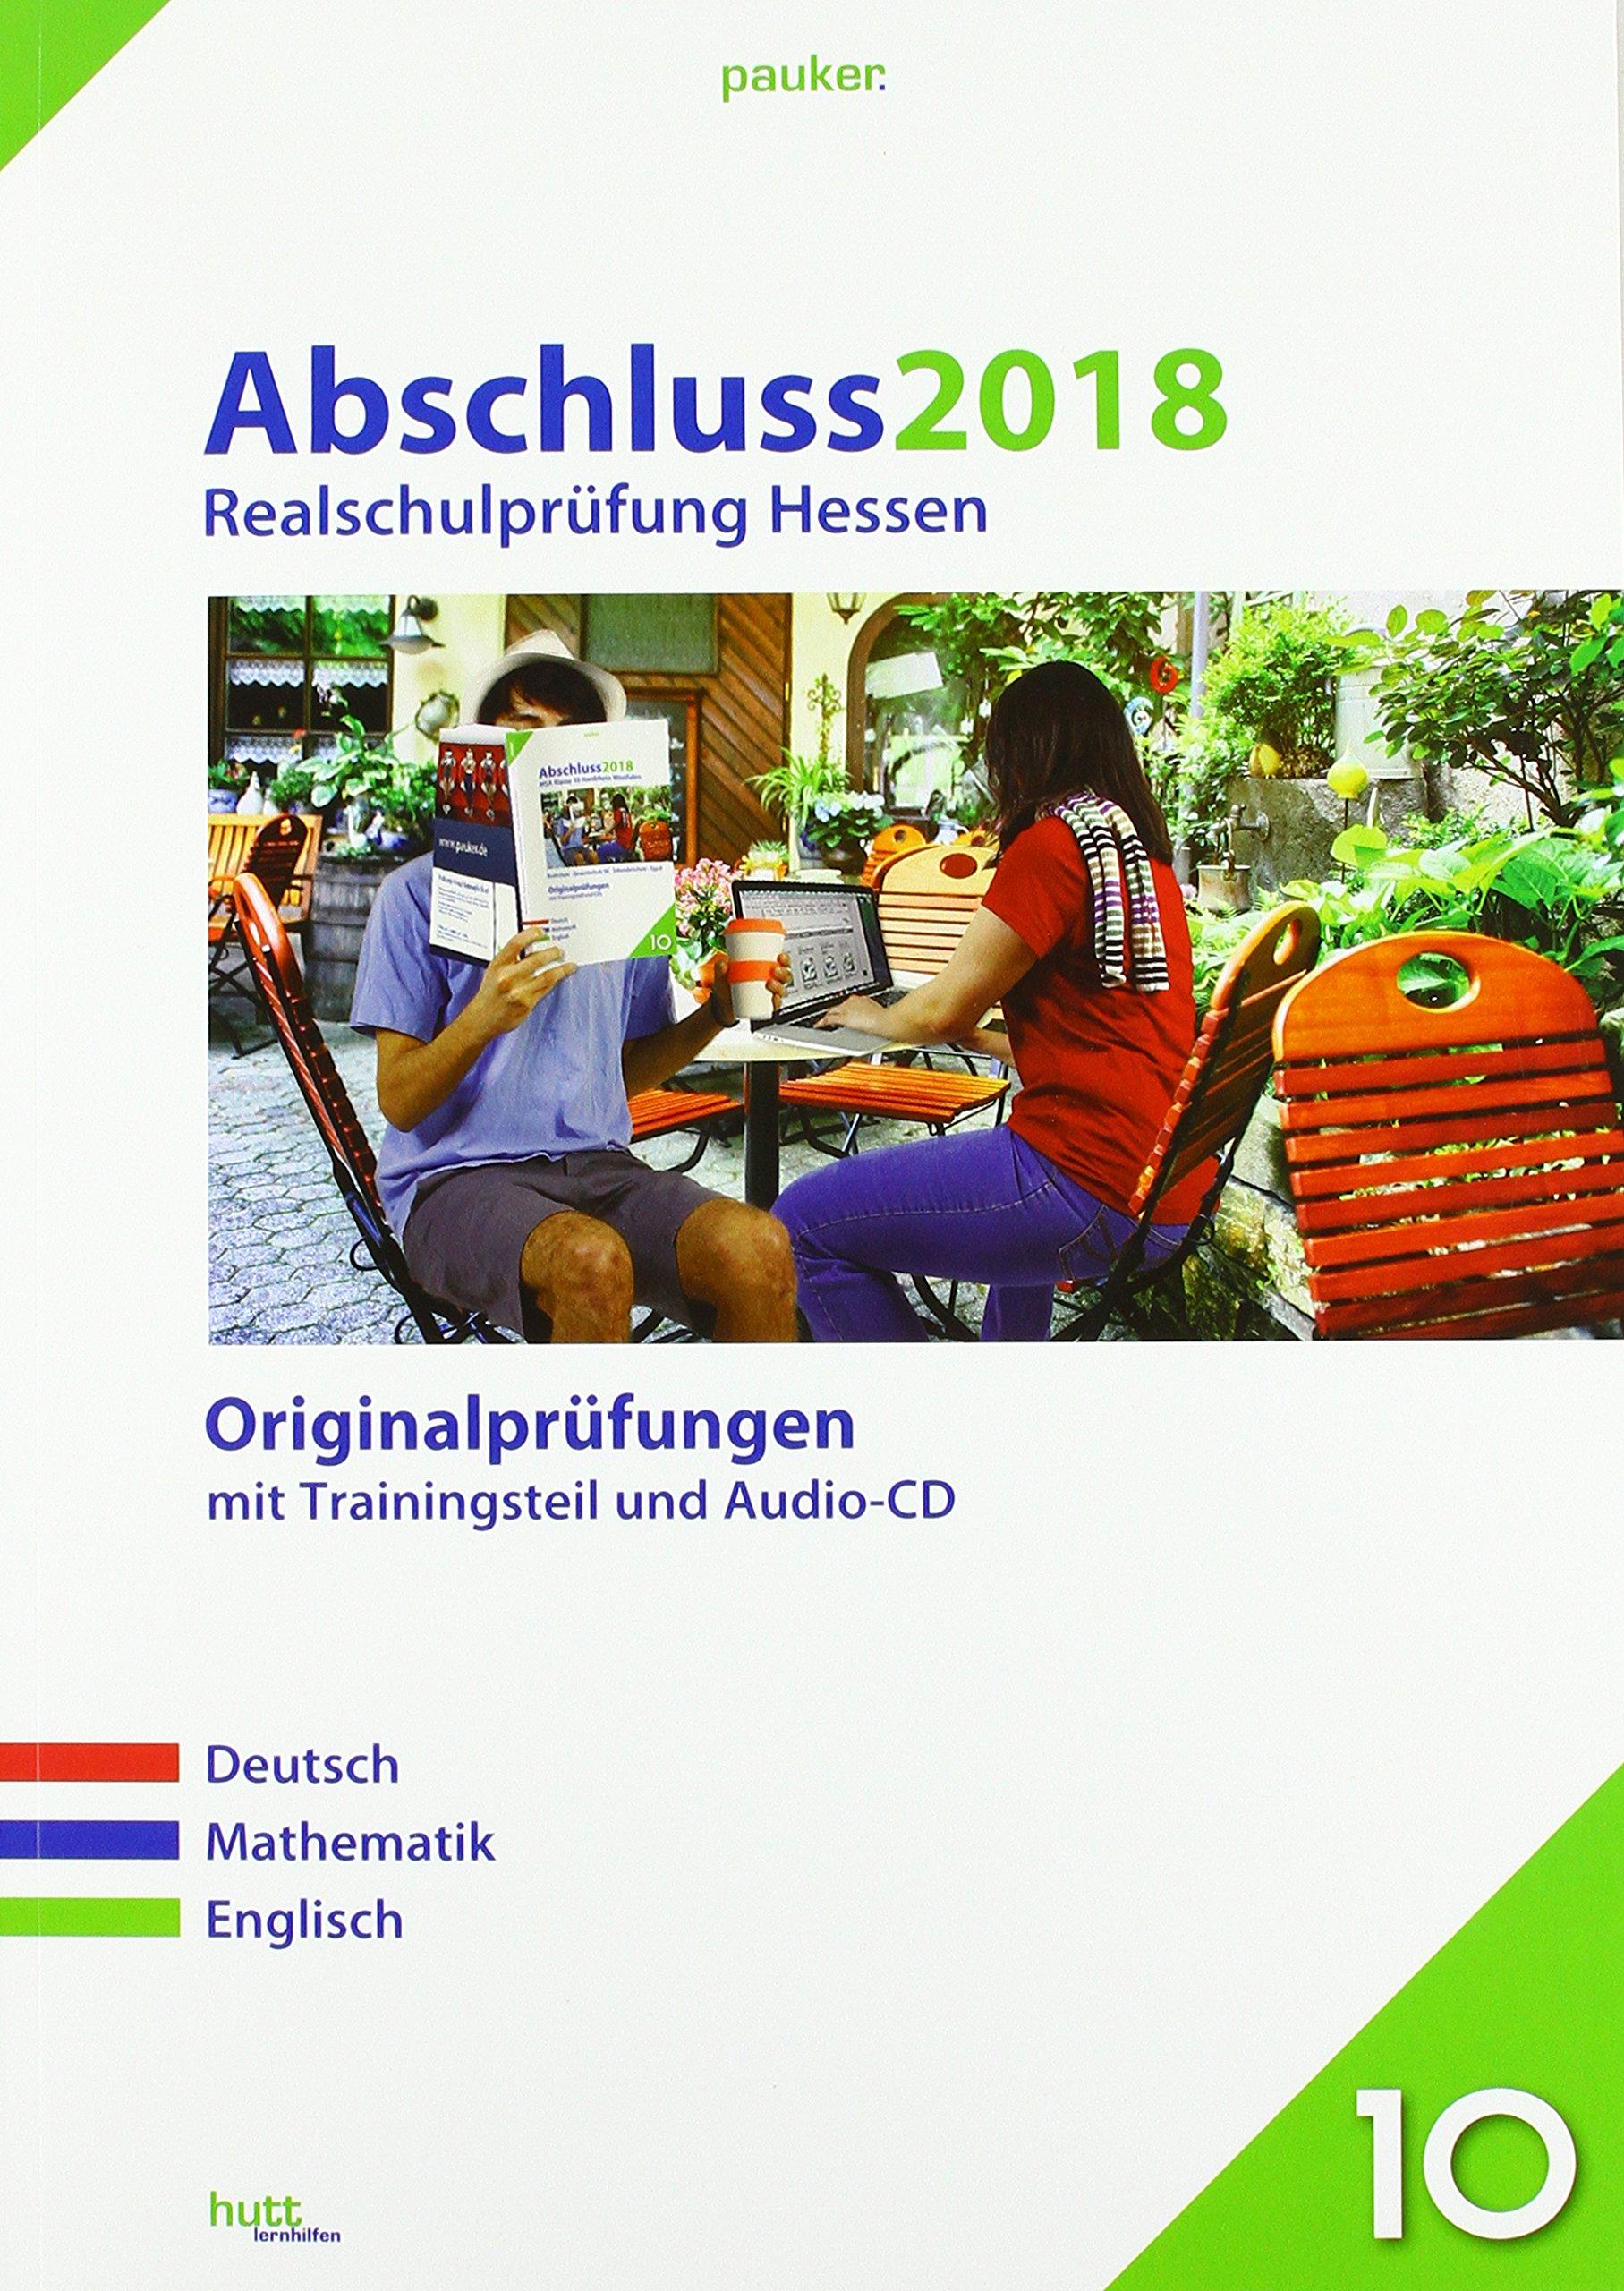 Abschluss 2018 - Realschulprüfung Hessen: Originalprüfungen mit  Trainingsteil für die Fächer Deutsch, Mathematik und Englisch sowie  Audio-CD für Englisch ...